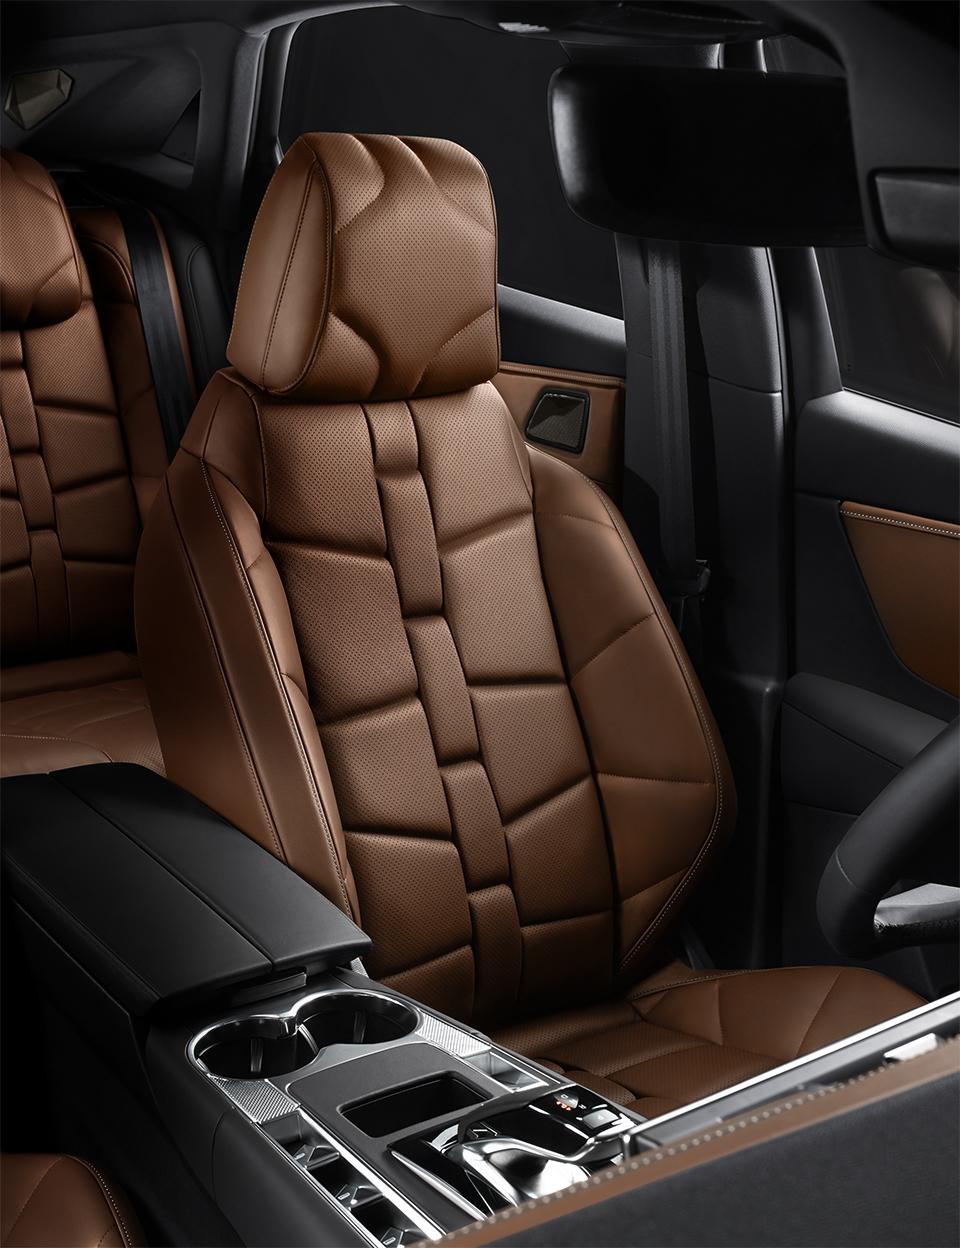 パリの職人技が詰まった、ナッパレザーのシートに魅せられる特別仕様車がデビュー。